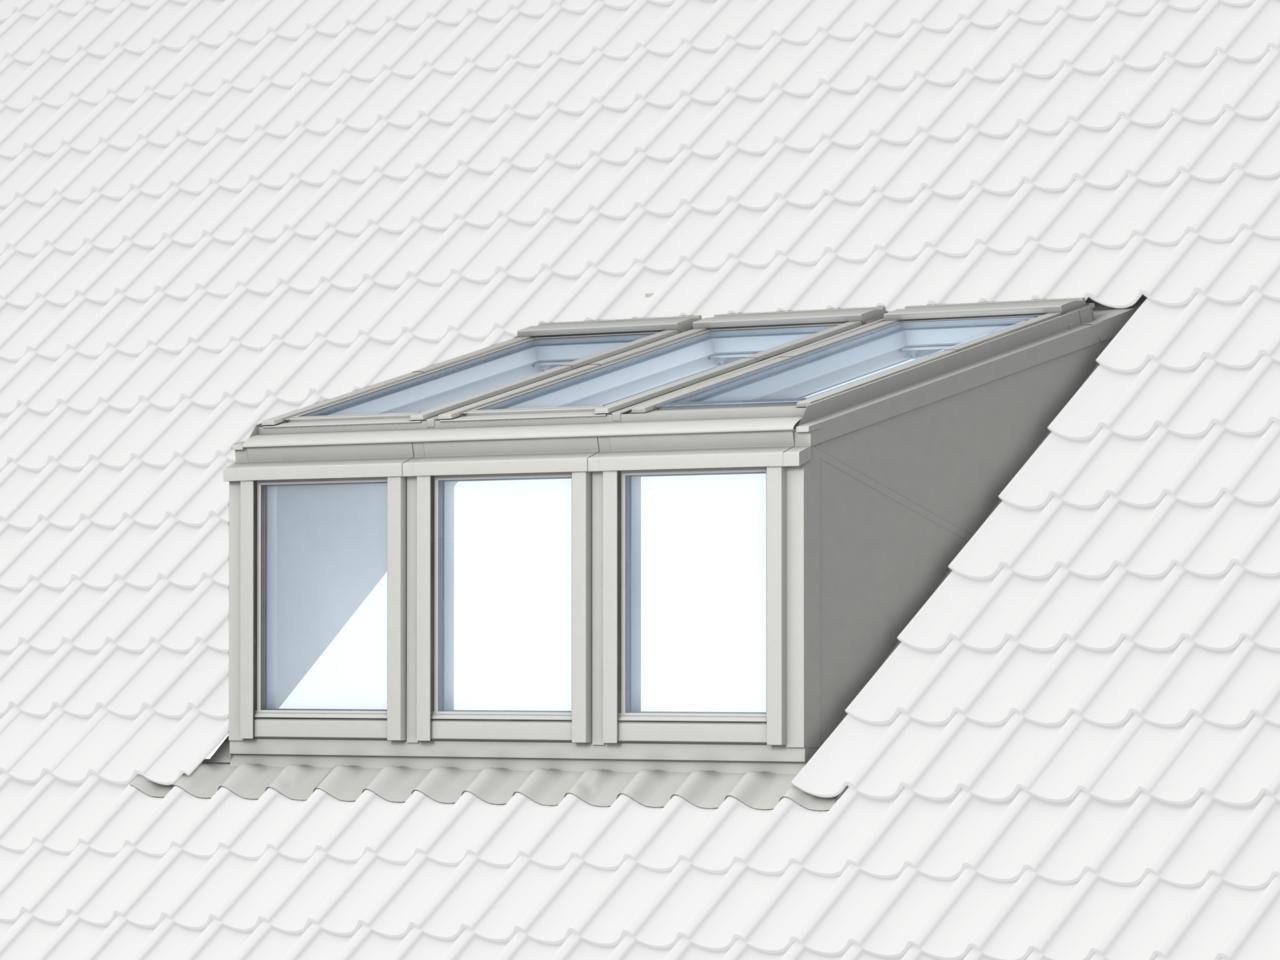 Finestra Sul Tetto Nome posizionamento e misure delle finestre per tetti - mansarda.it